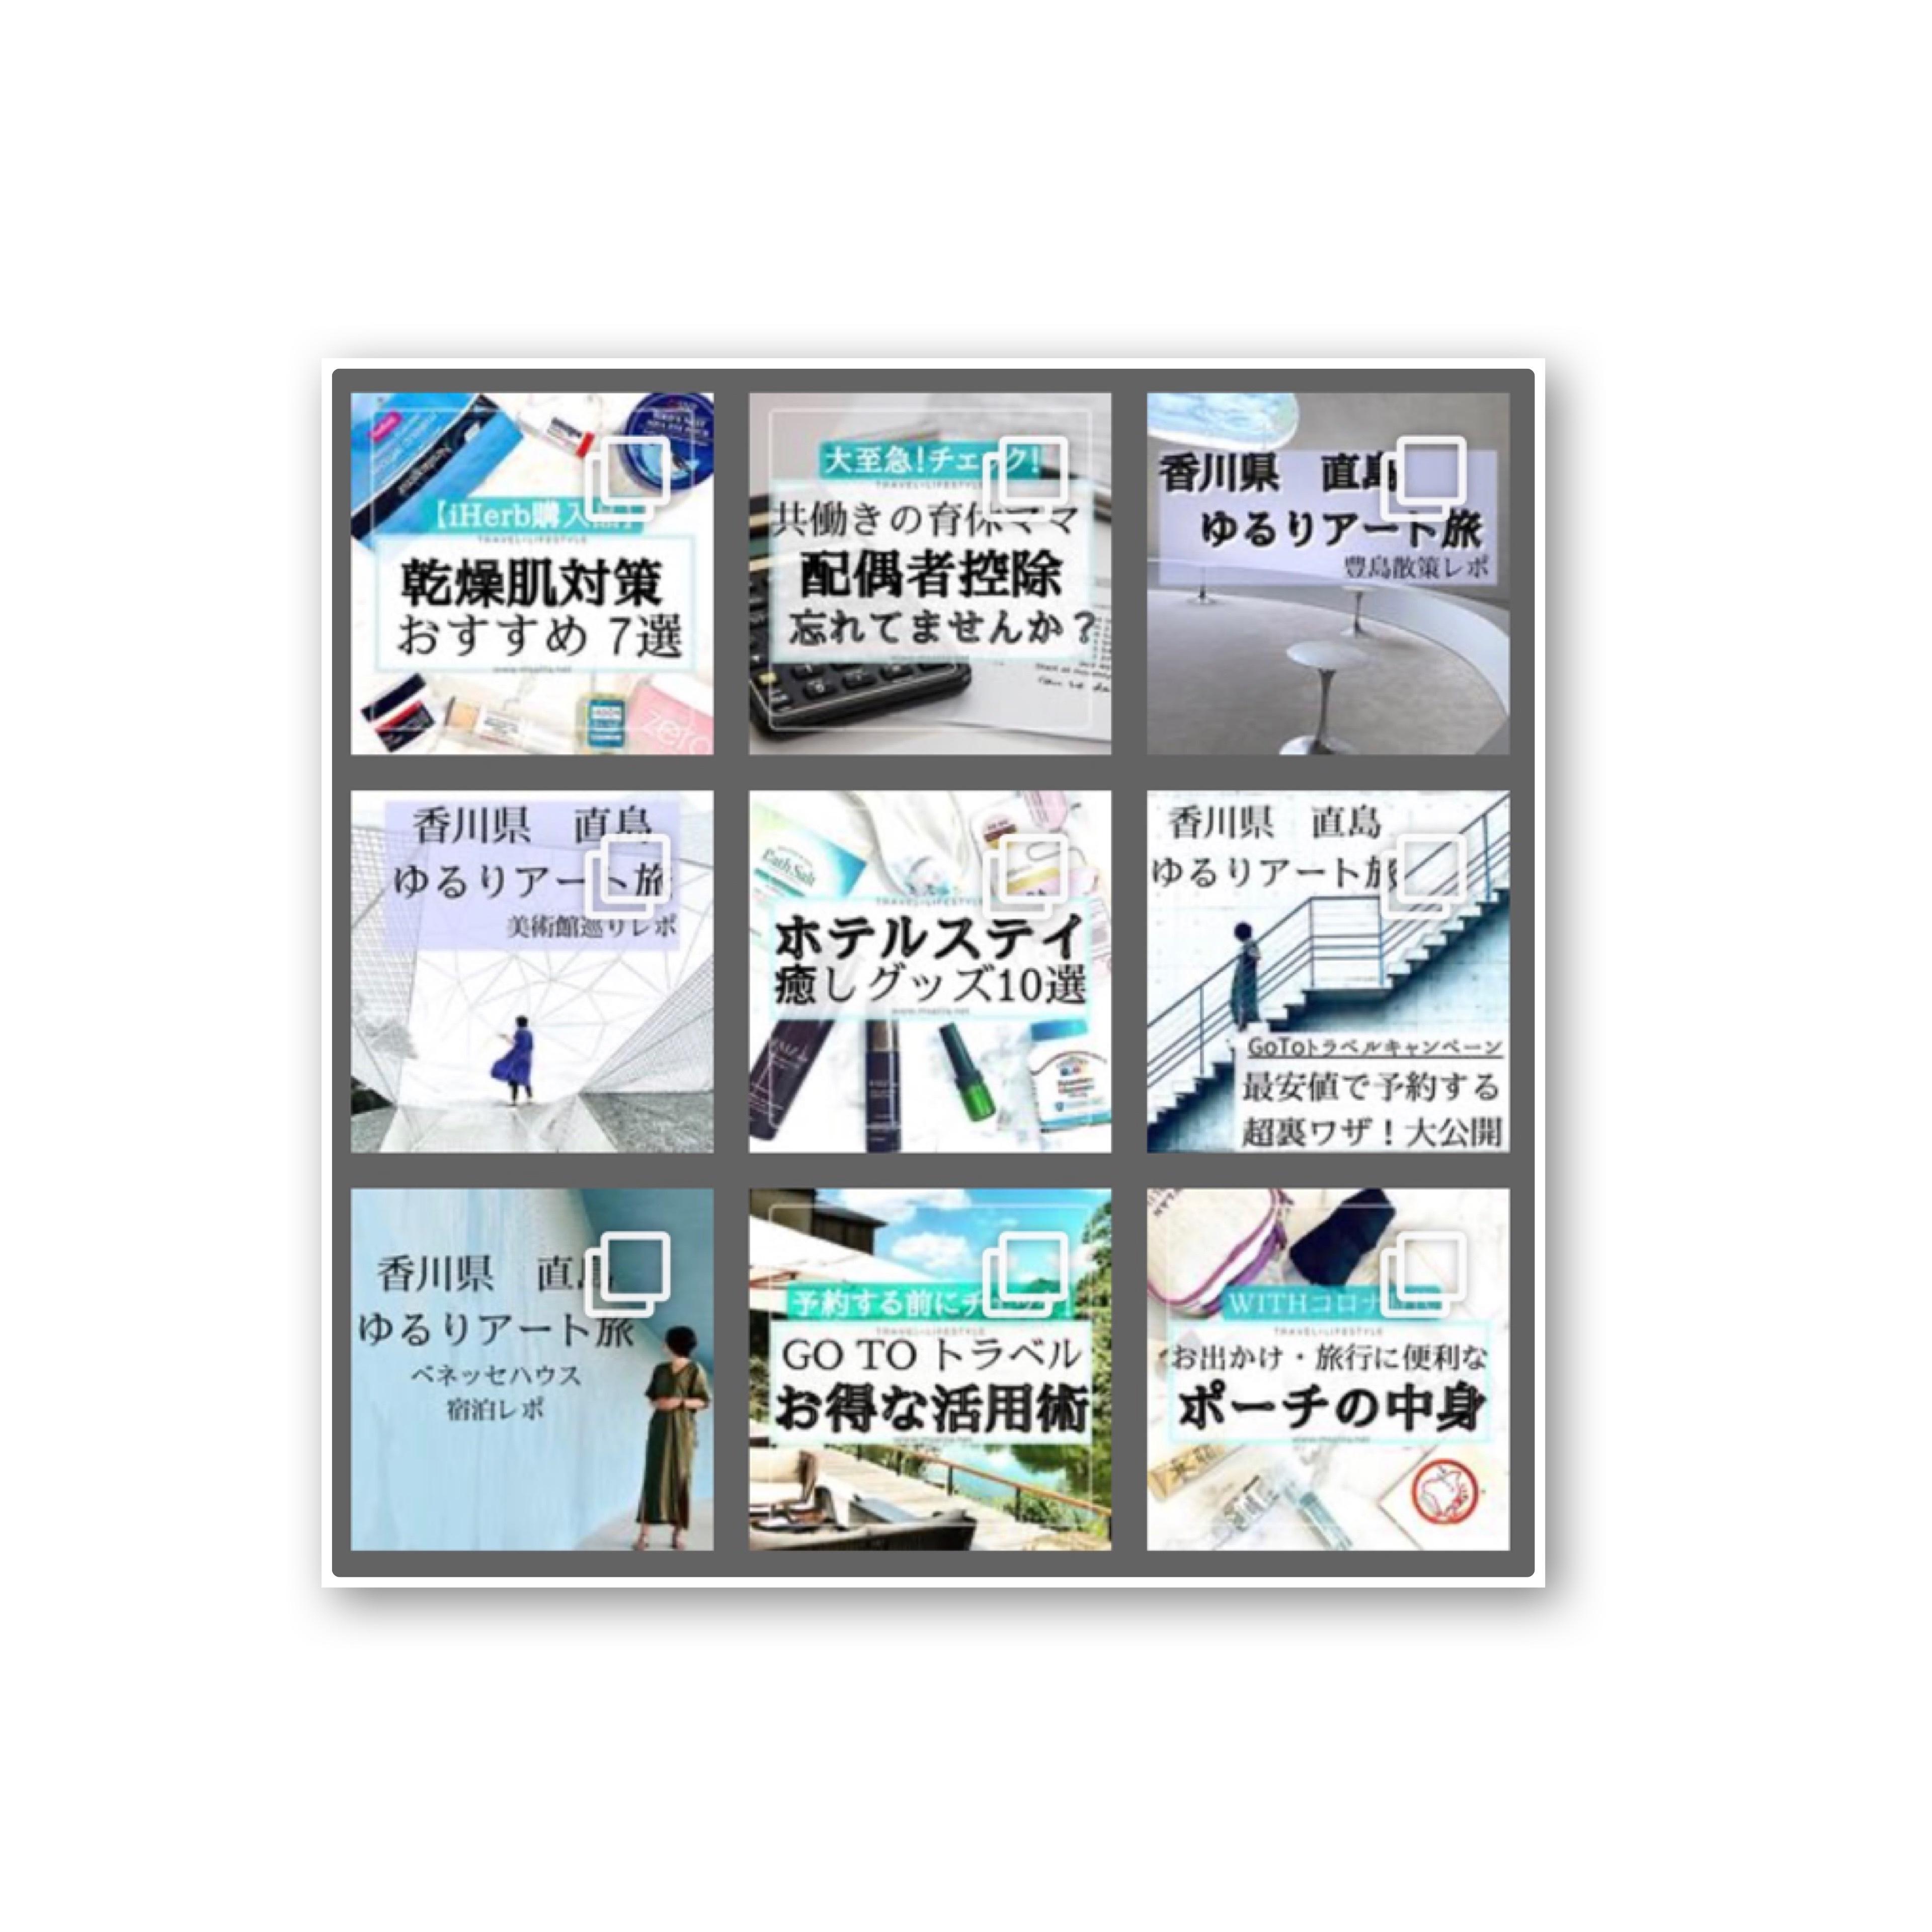 【旅行記】香川県直島 ゆるりアート旅③_1_21